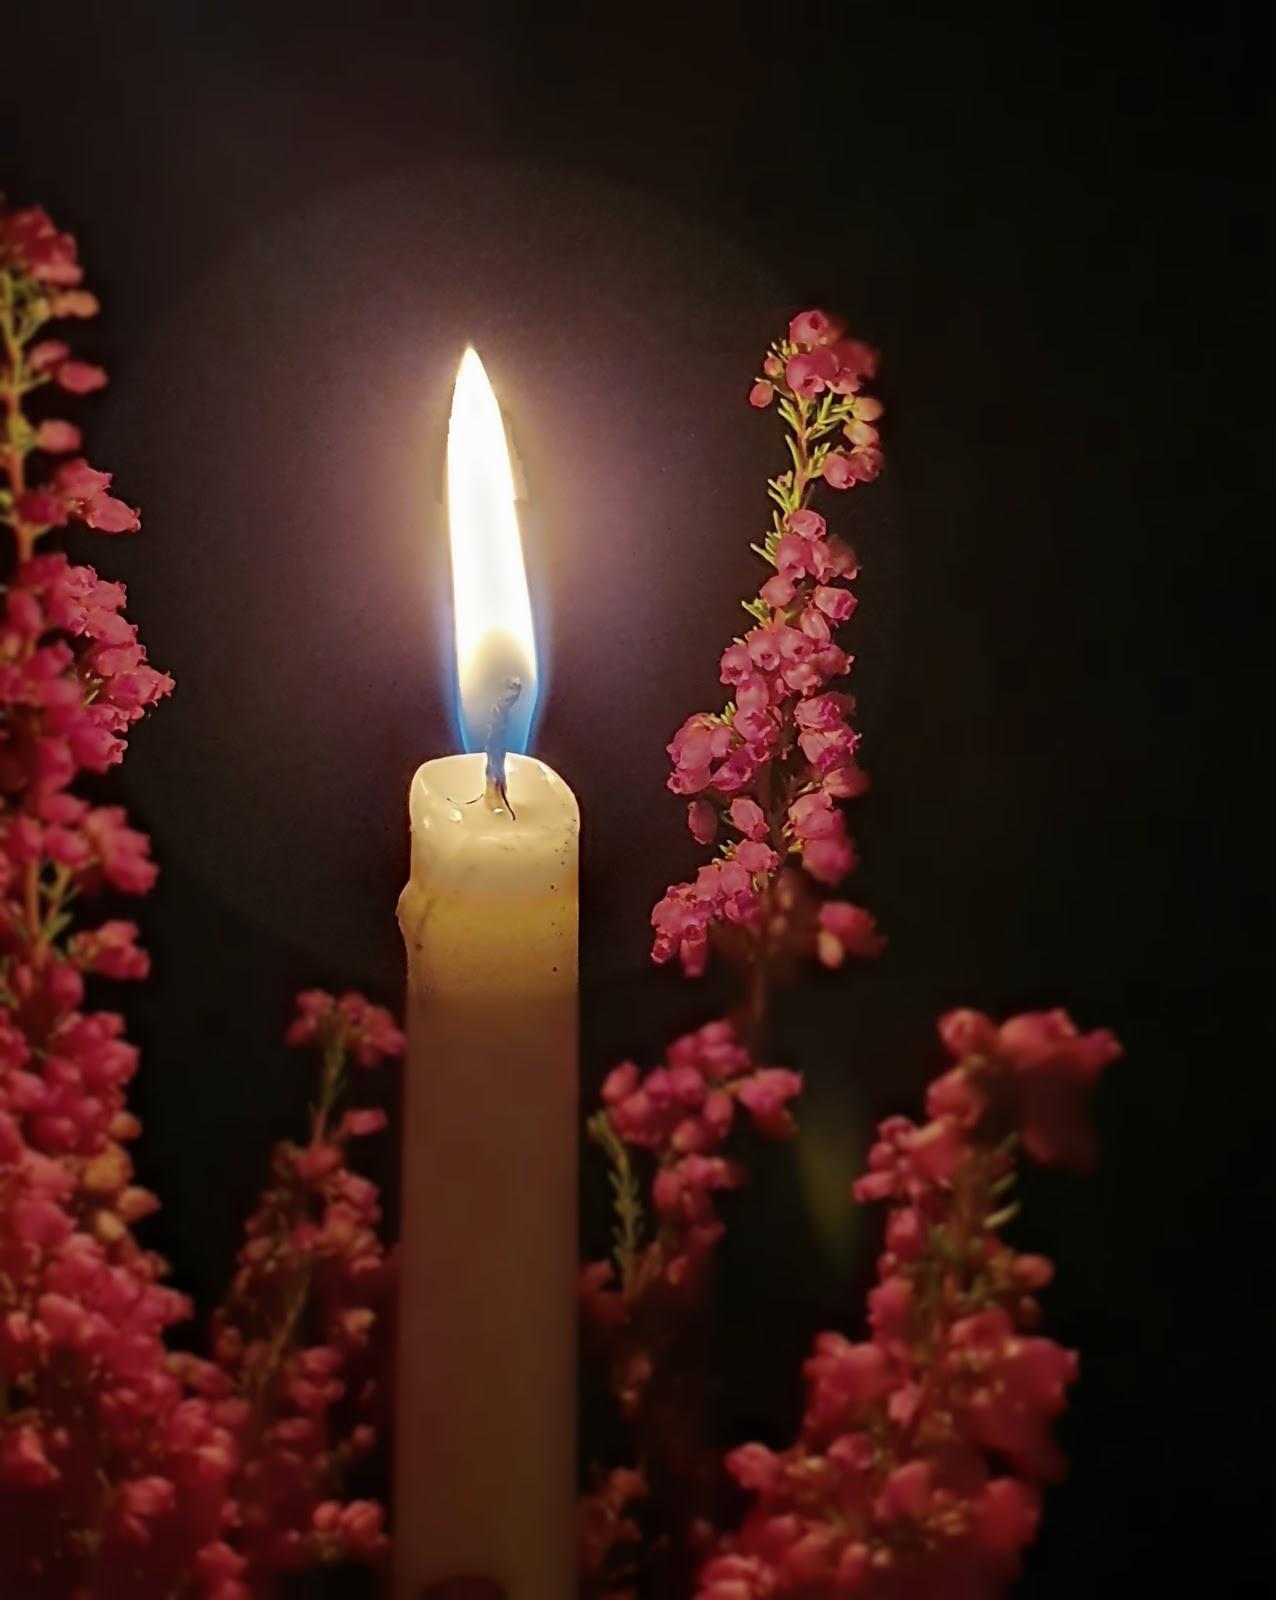 pyhäinpäivän kynttilä lepattaa kanervikossa